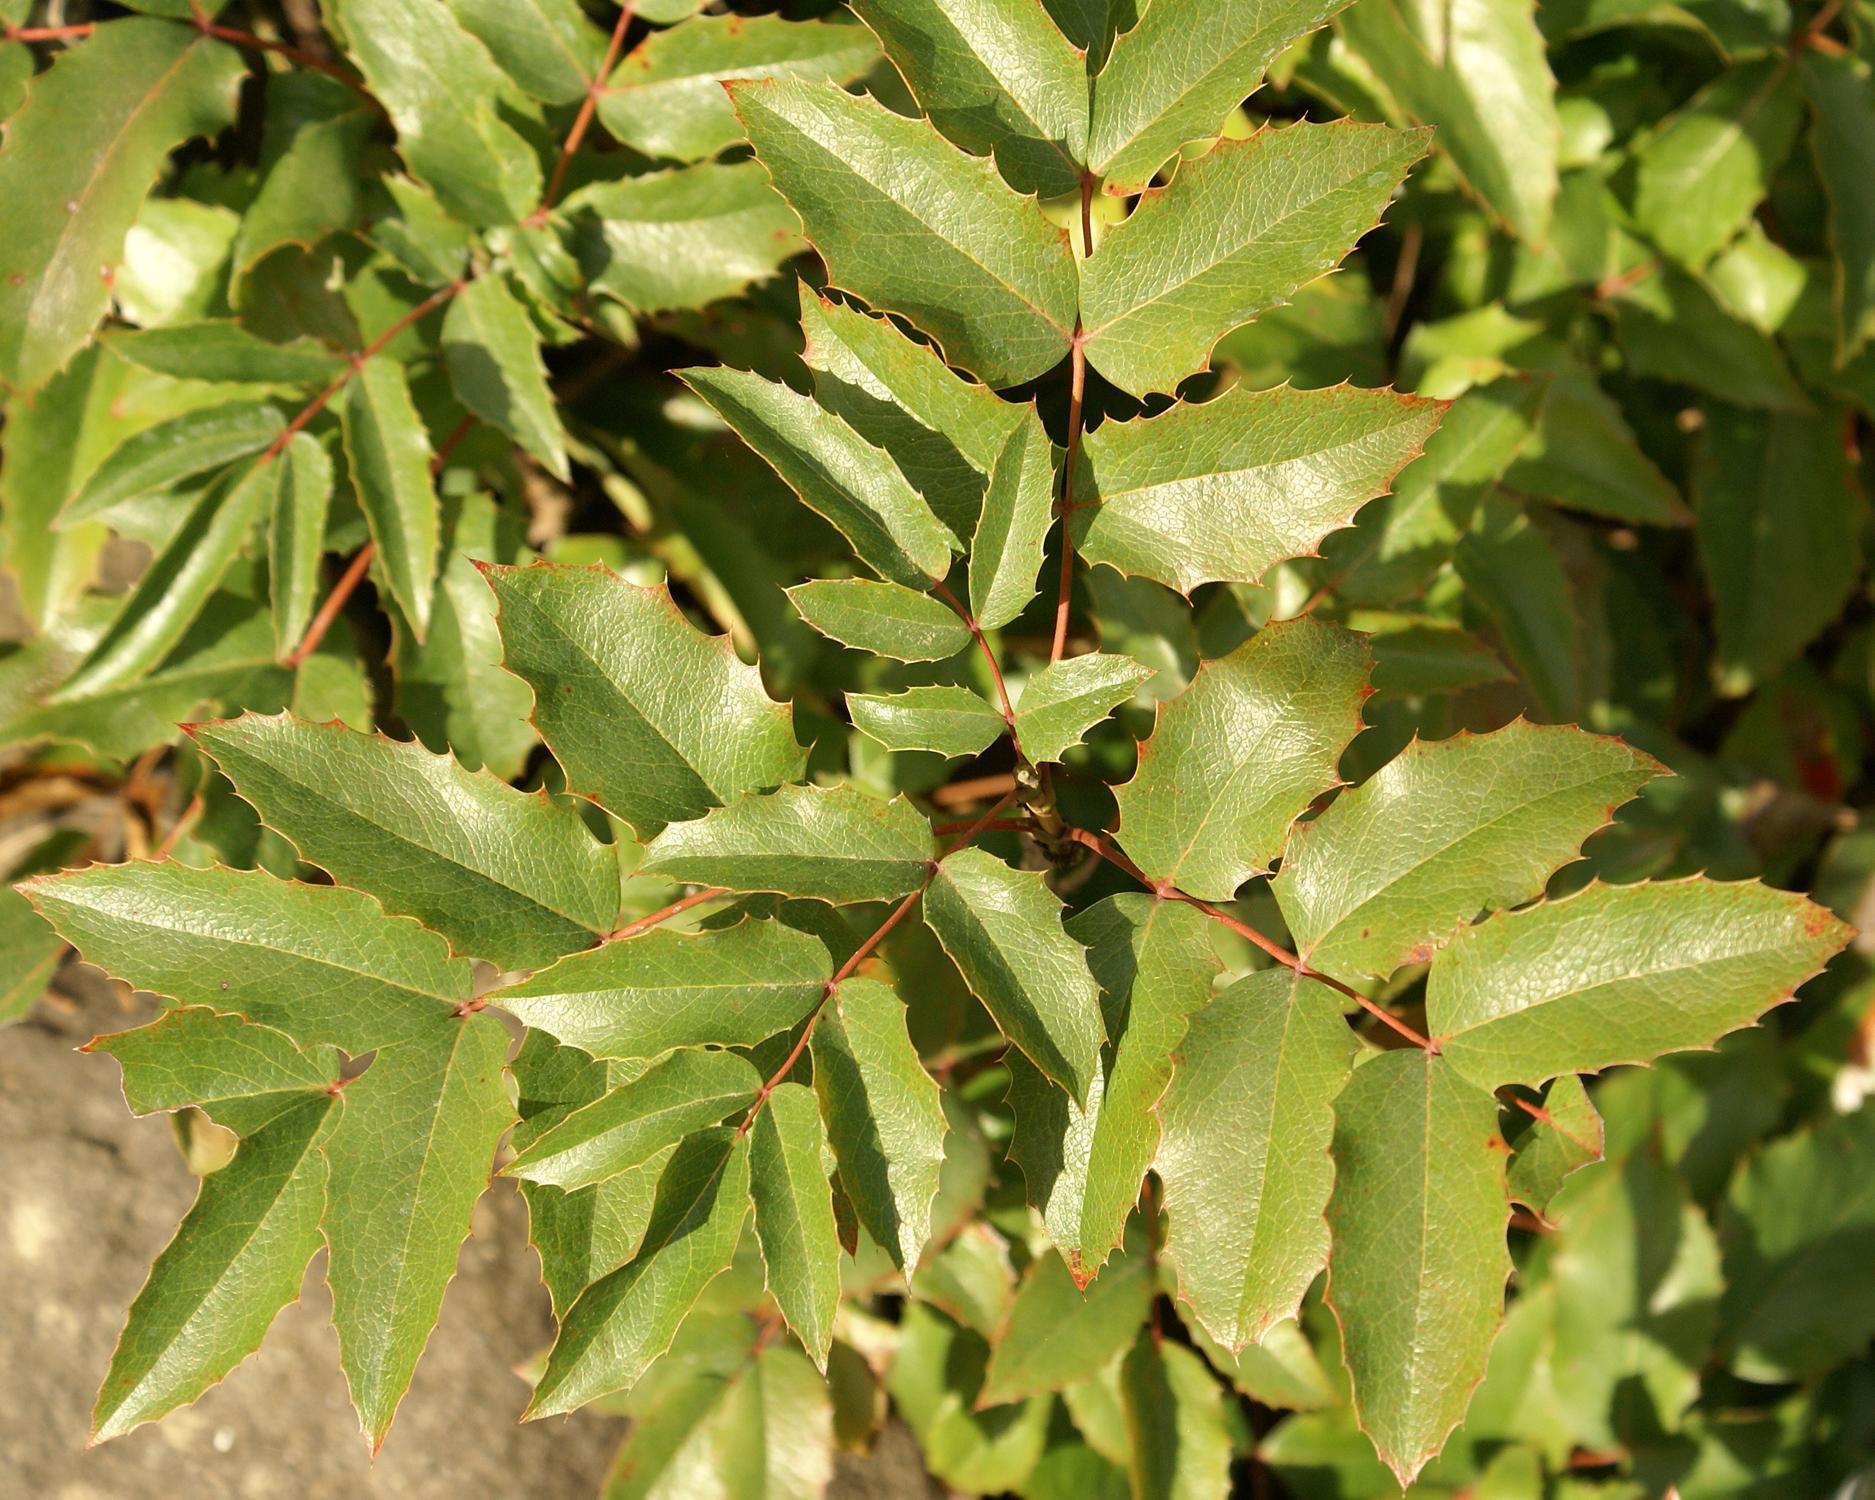 Berberis aquifolium leaves